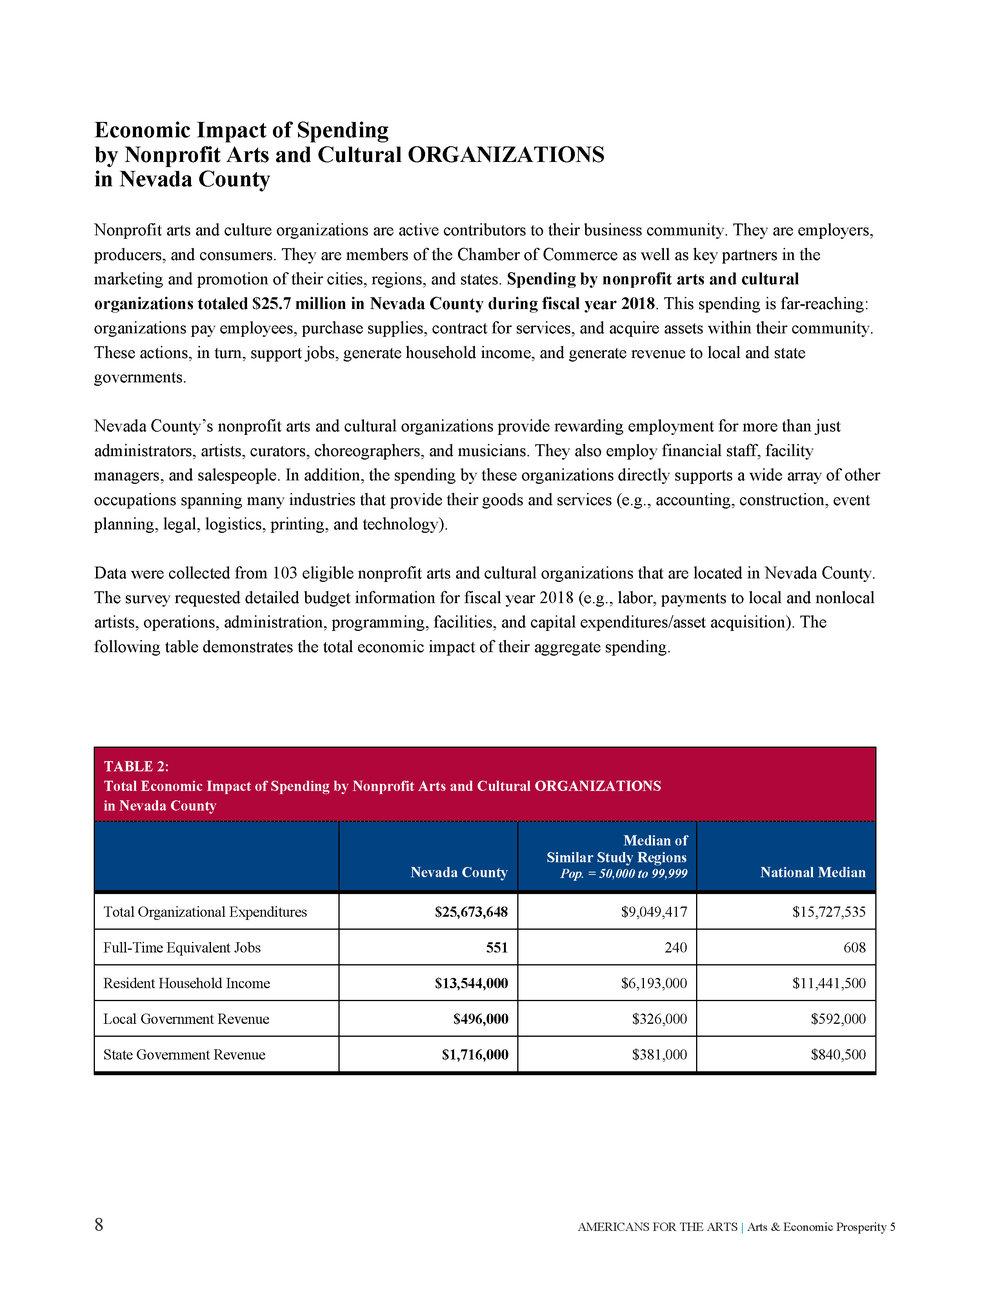 Arts & Economic Prosperity in Nevada County 12.jpg